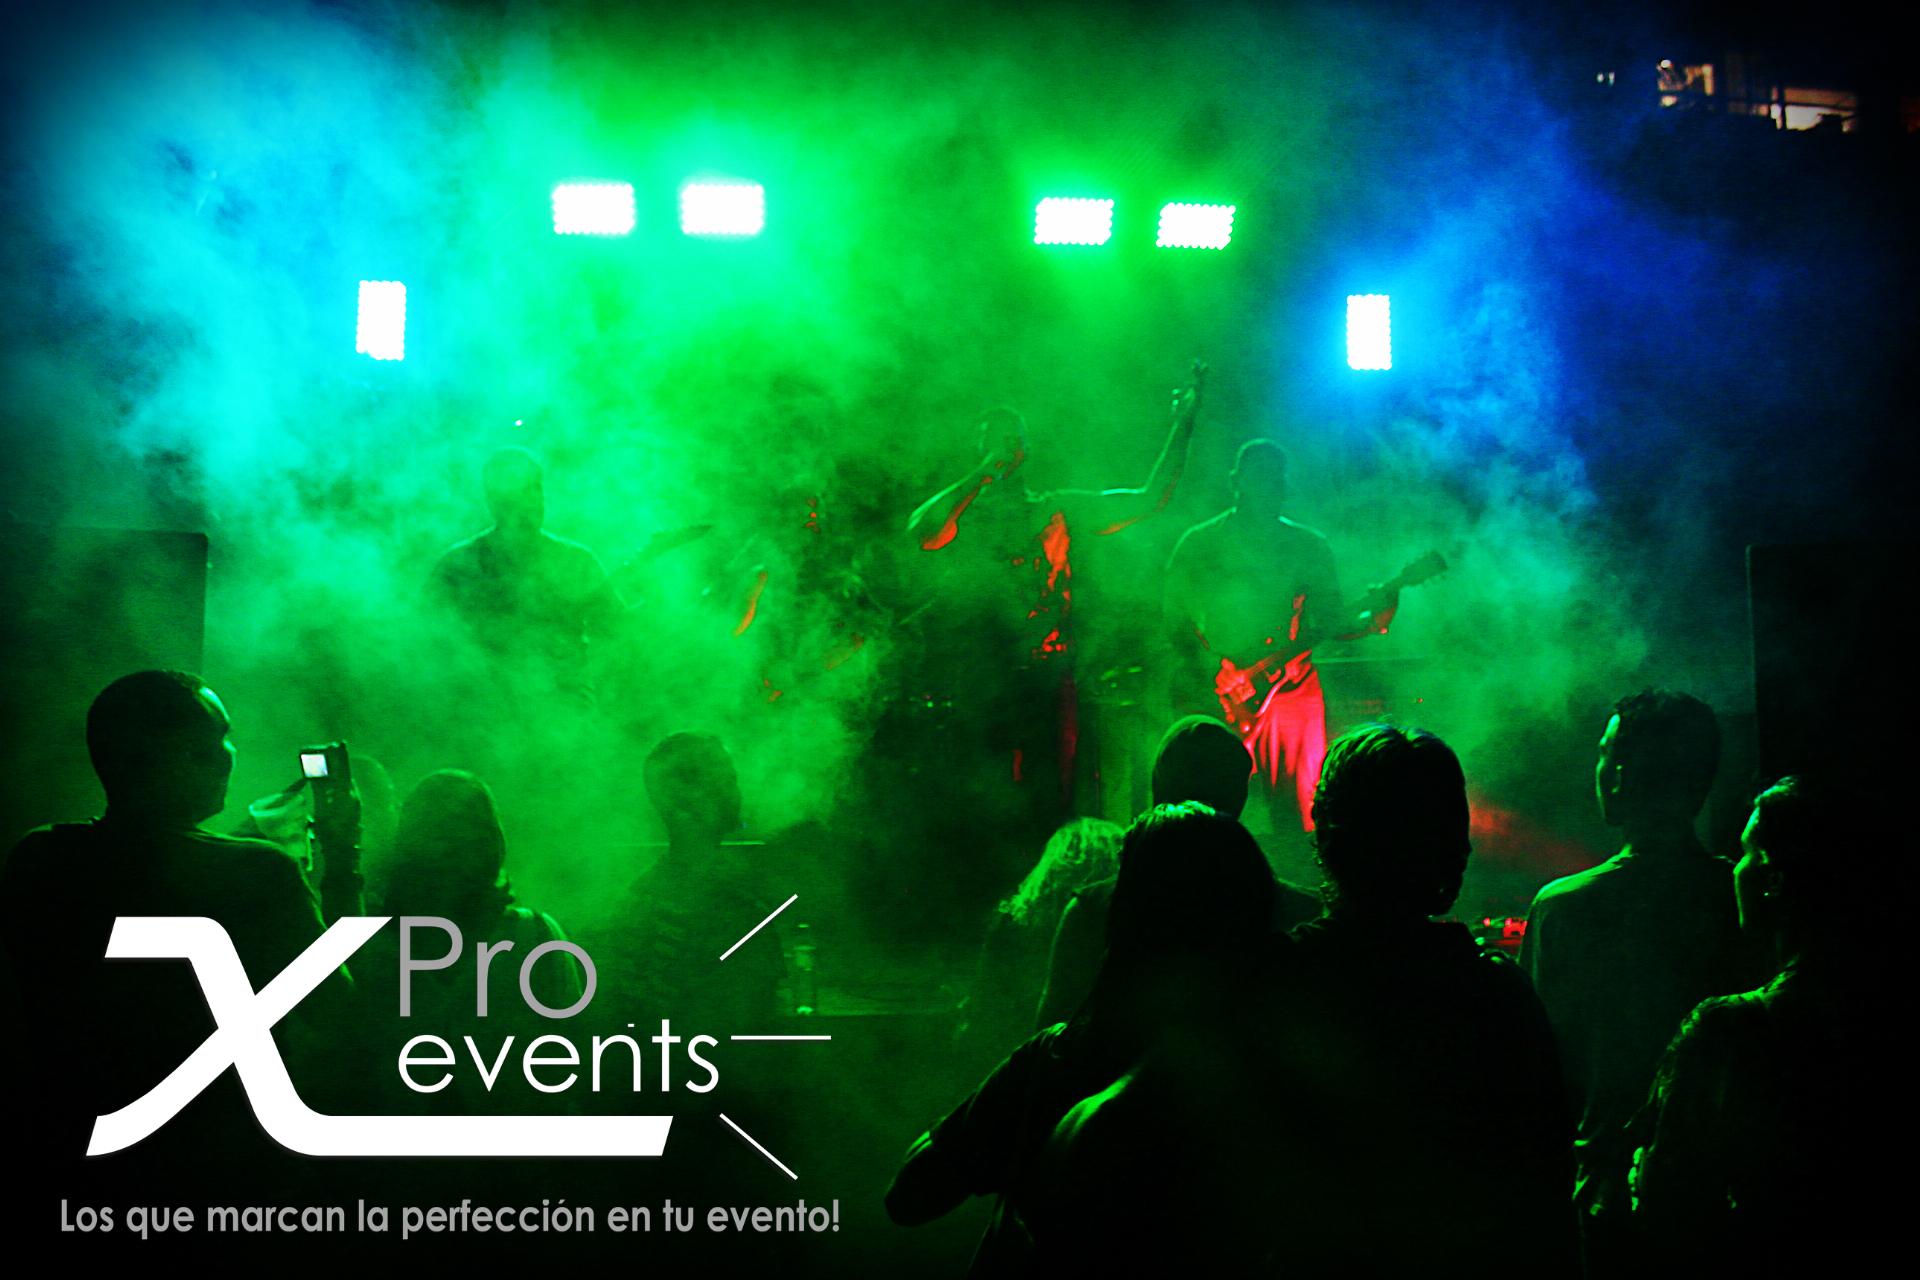 www.Xproevents.com - Montajes de bonches y conciertos.JPG